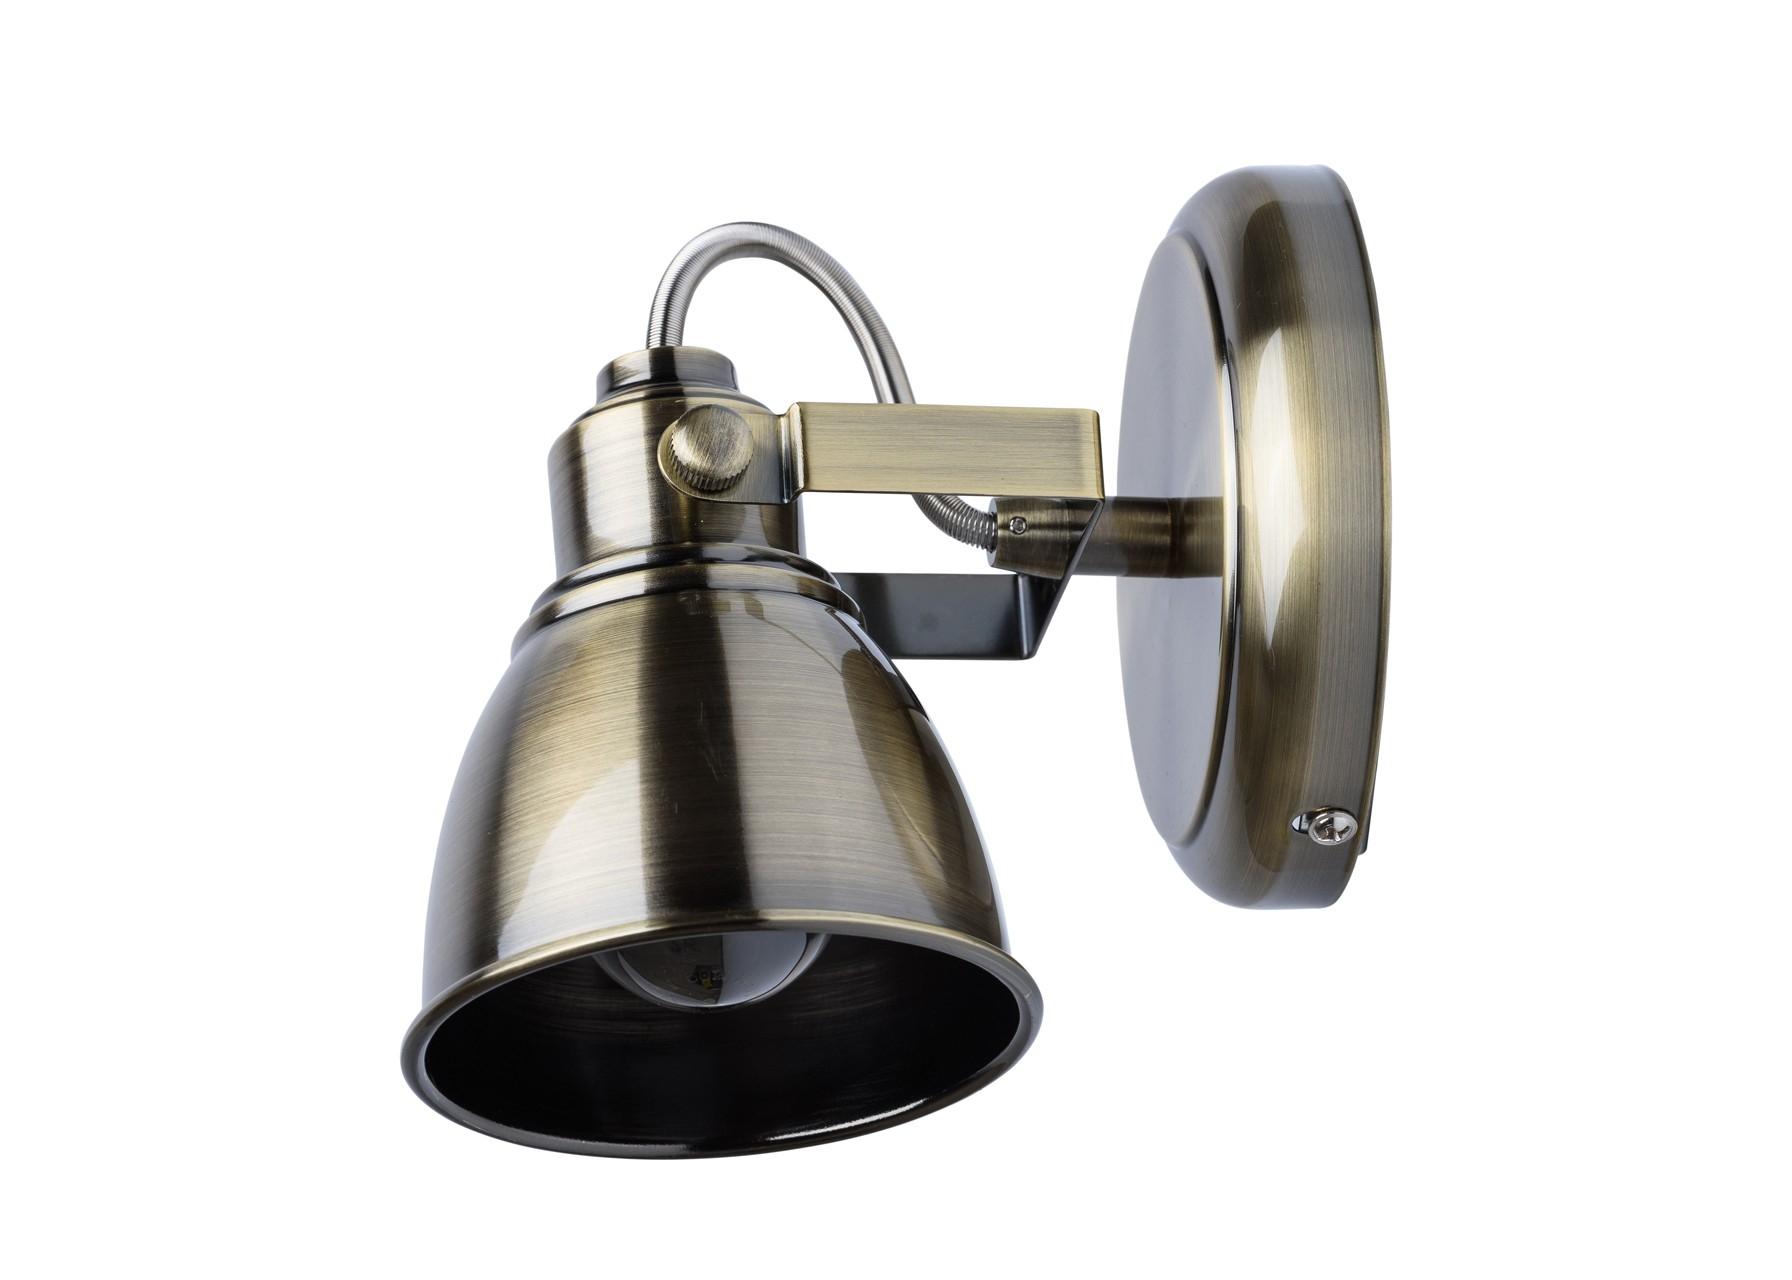 БраБра<br>&amp;lt;div&amp;gt;Стильный &amp;amp;nbsp;дизайн светильников-спотов из коллекции «Ринген» сейчас в тренде. &amp;amp;nbsp;Гальванизированное &amp;amp;nbsp;в цвет античной бронзы основание, подчеркнуто строгими, округлой формы плафонами. &amp;amp;nbsp;В тандеме они создают продуманную и гармоничную композицию. К числу достоинств светильника относится возможность менять направление света на своё усмотрение, создавая необходимую атмосферу в комнате. Данная модель &amp;amp;nbsp;идеально подойдет для зональной подсветки. Рекомендуемая площадь освещения порядка 6 кв.м.&amp;lt;/div&amp;gt;&amp;lt;div&amp;gt;Металлическое основание и плафон цвета античной бронзы.&amp;lt;/div&amp;gt;&amp;lt;div&amp;gt;1*40W E14 220 V IP20&amp;lt;/div&amp;gt;&amp;lt;div&amp;gt;&amp;lt;br&amp;gt;&amp;lt;/div&amp;gt;<br><br>Material: Металл<br>Ширина см: 10<br>Высота см: 18